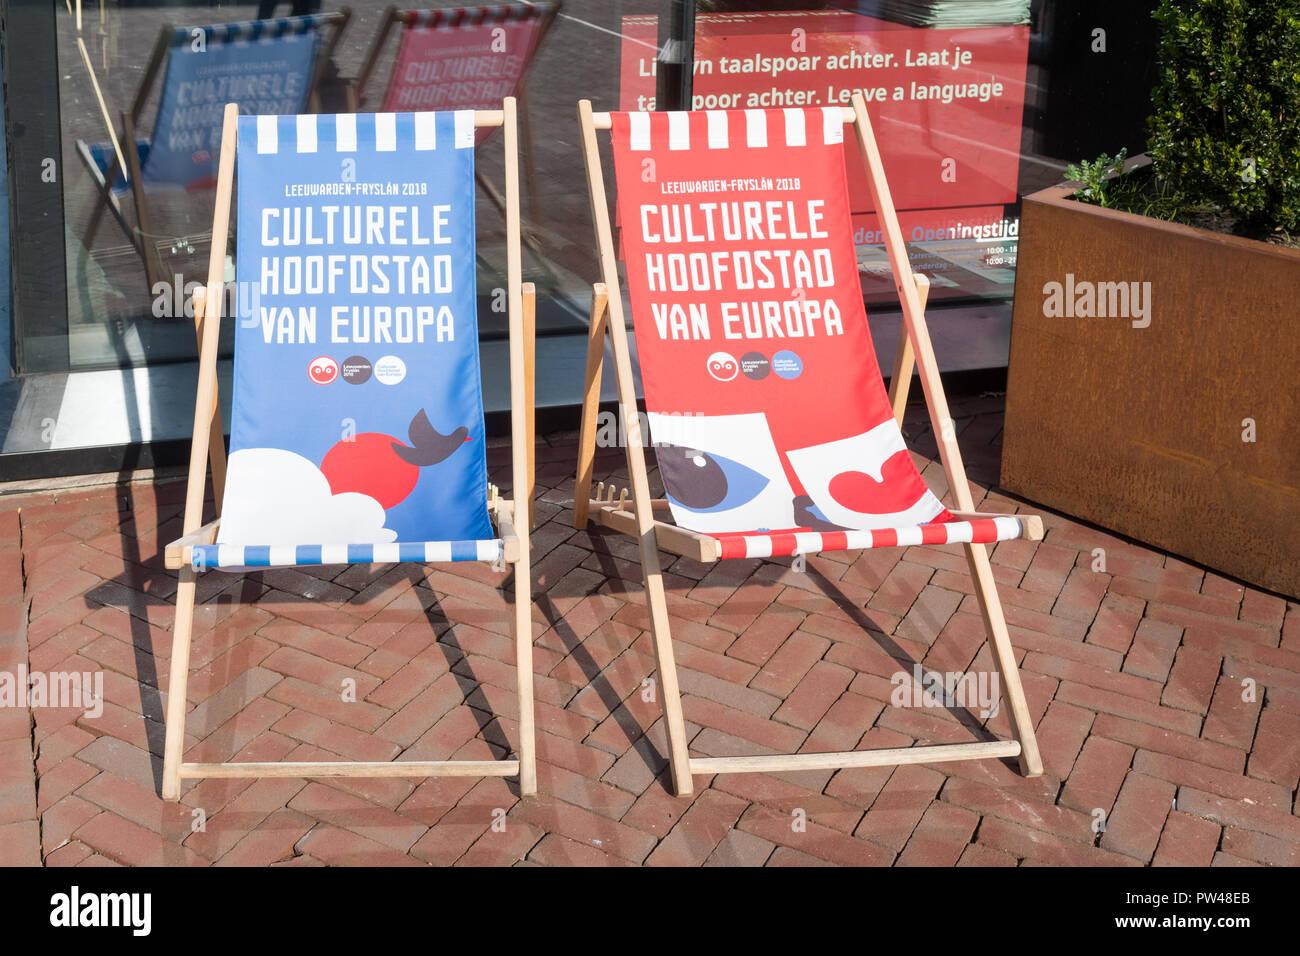 Leeuwarden, Friesland, Paesi Bassi - Capitale europea della cultura 2018 - logo sdraio Foto Stock